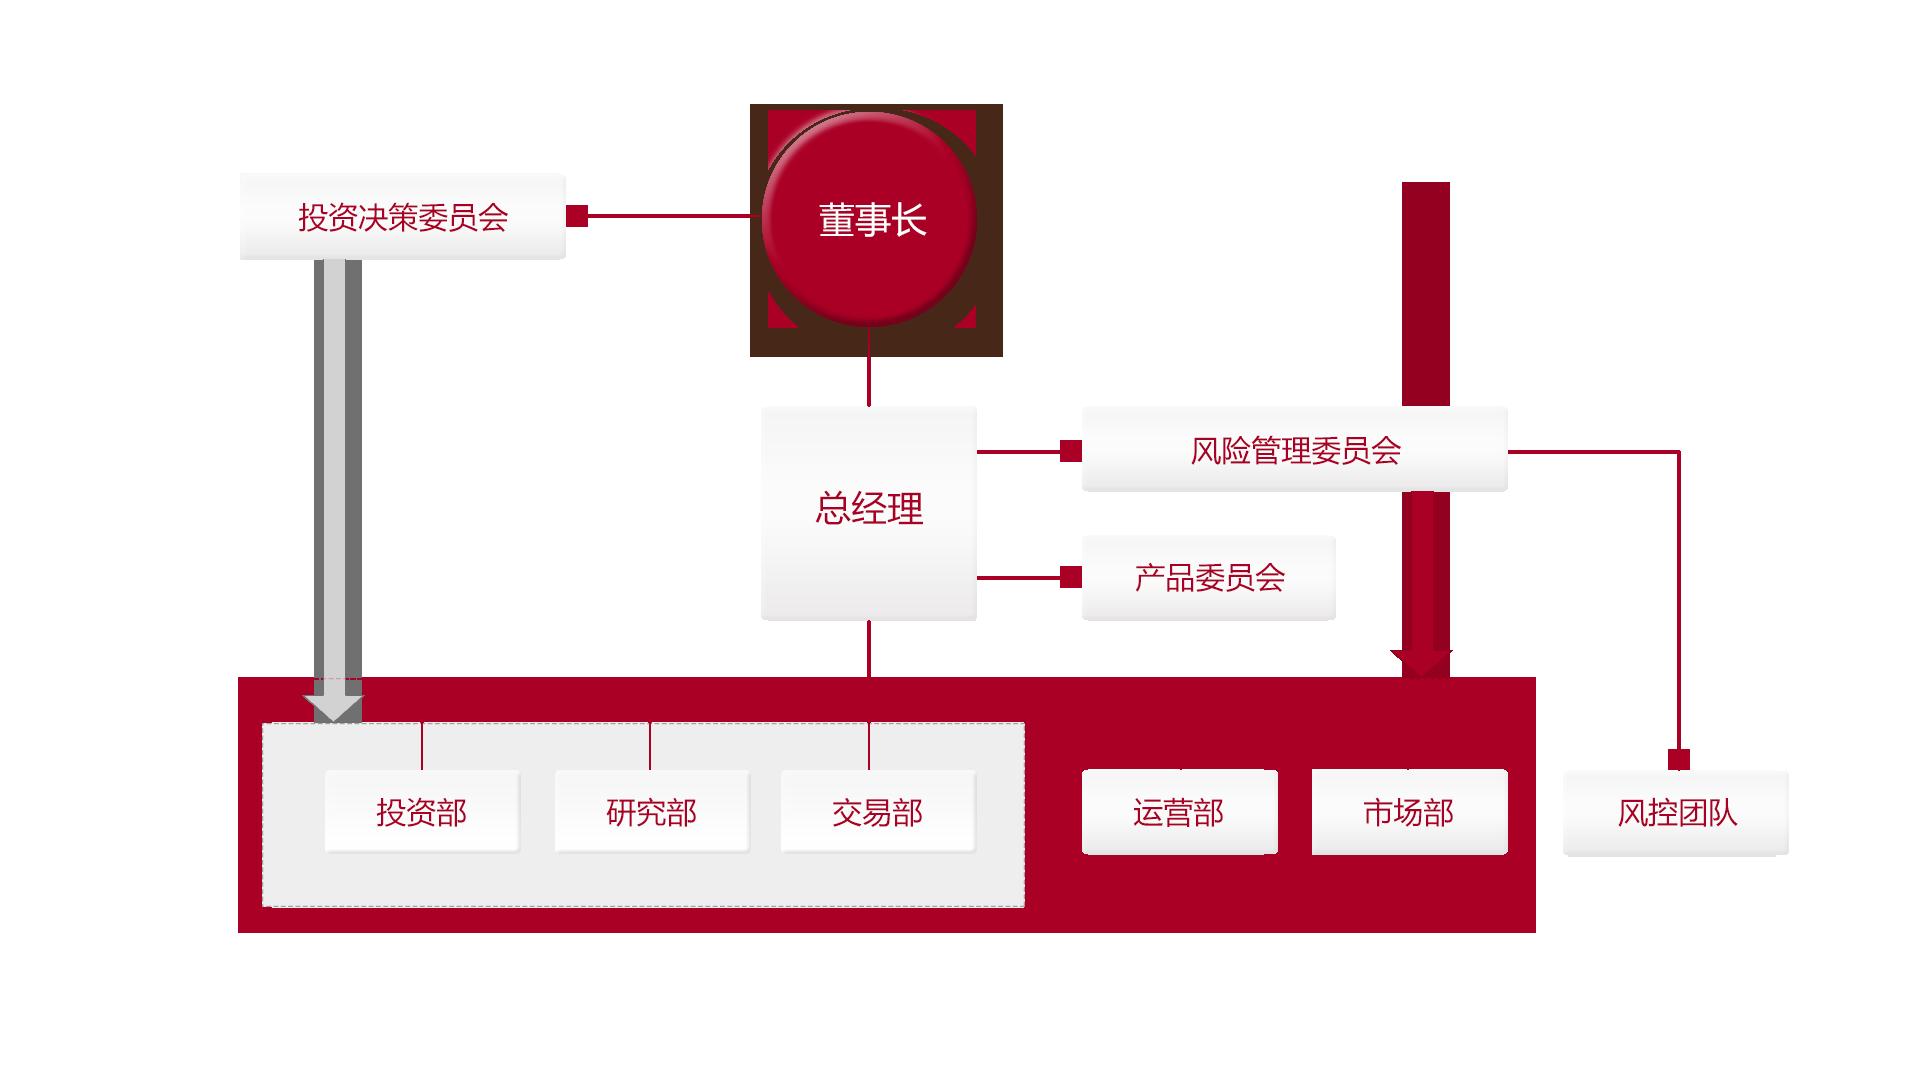 望正-结构图-修改2.png